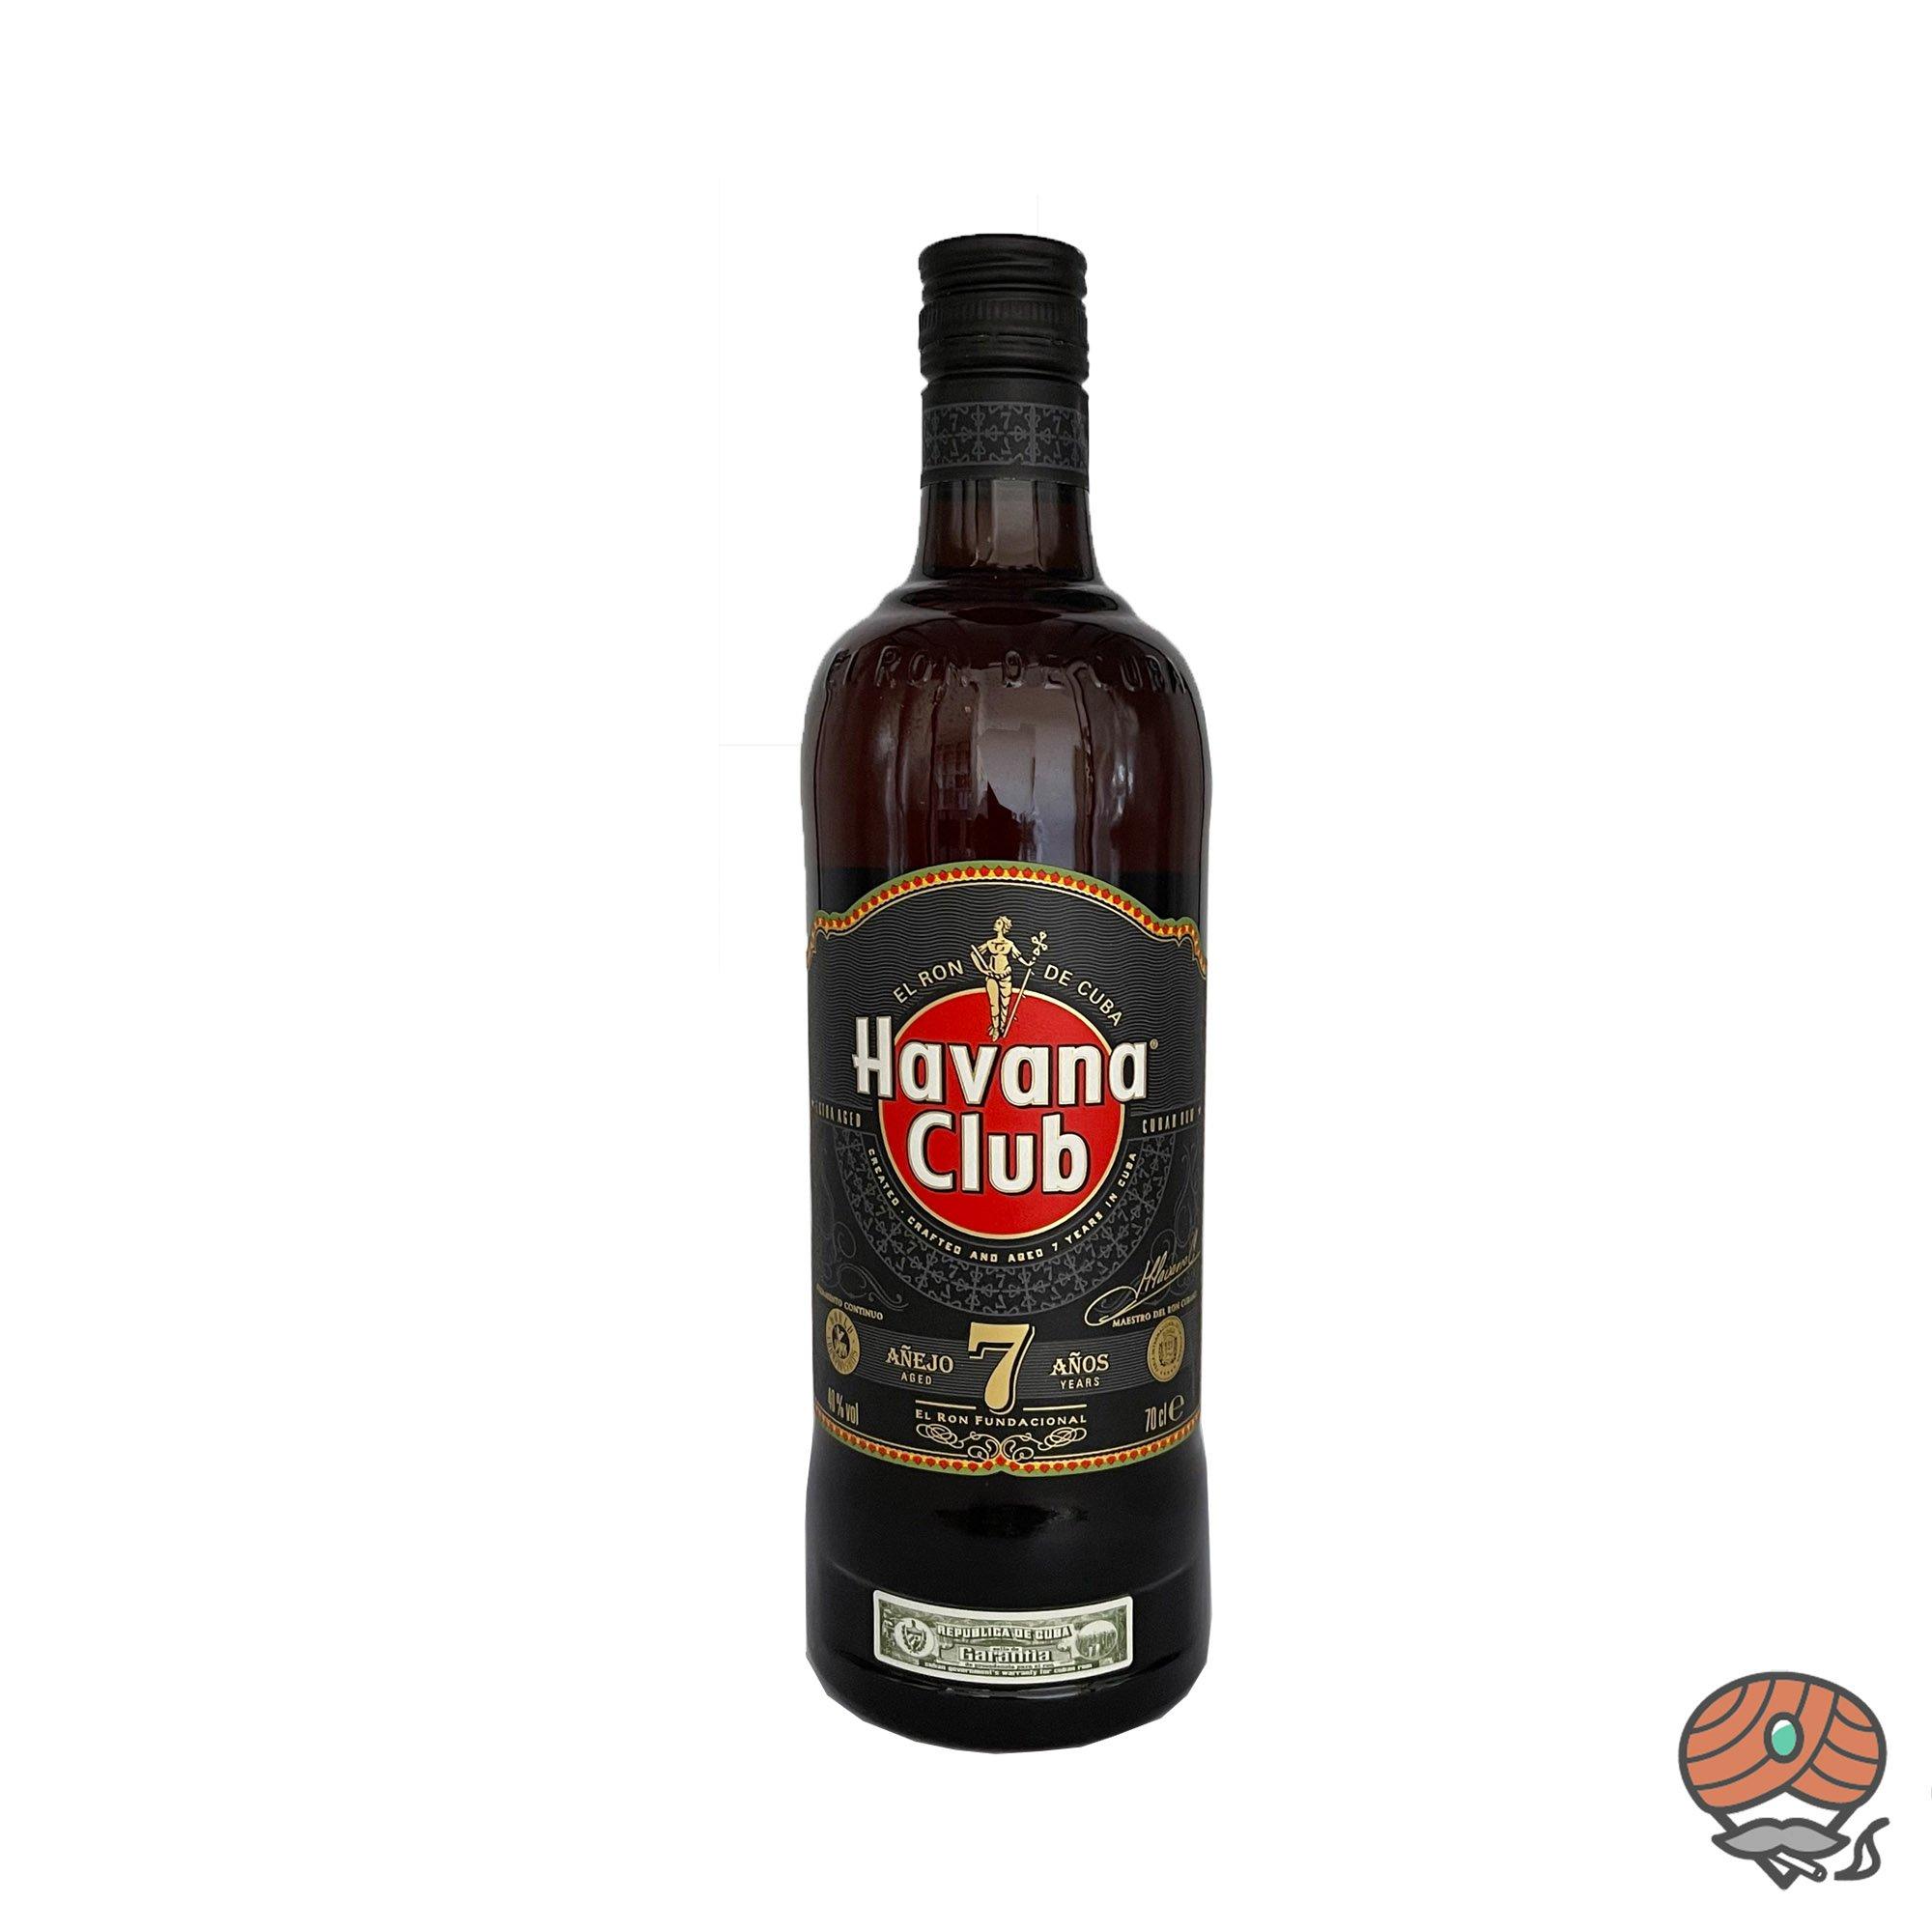 Havanna Club 7 Años  Rum 0,7l, alc. 40 Vol.-%